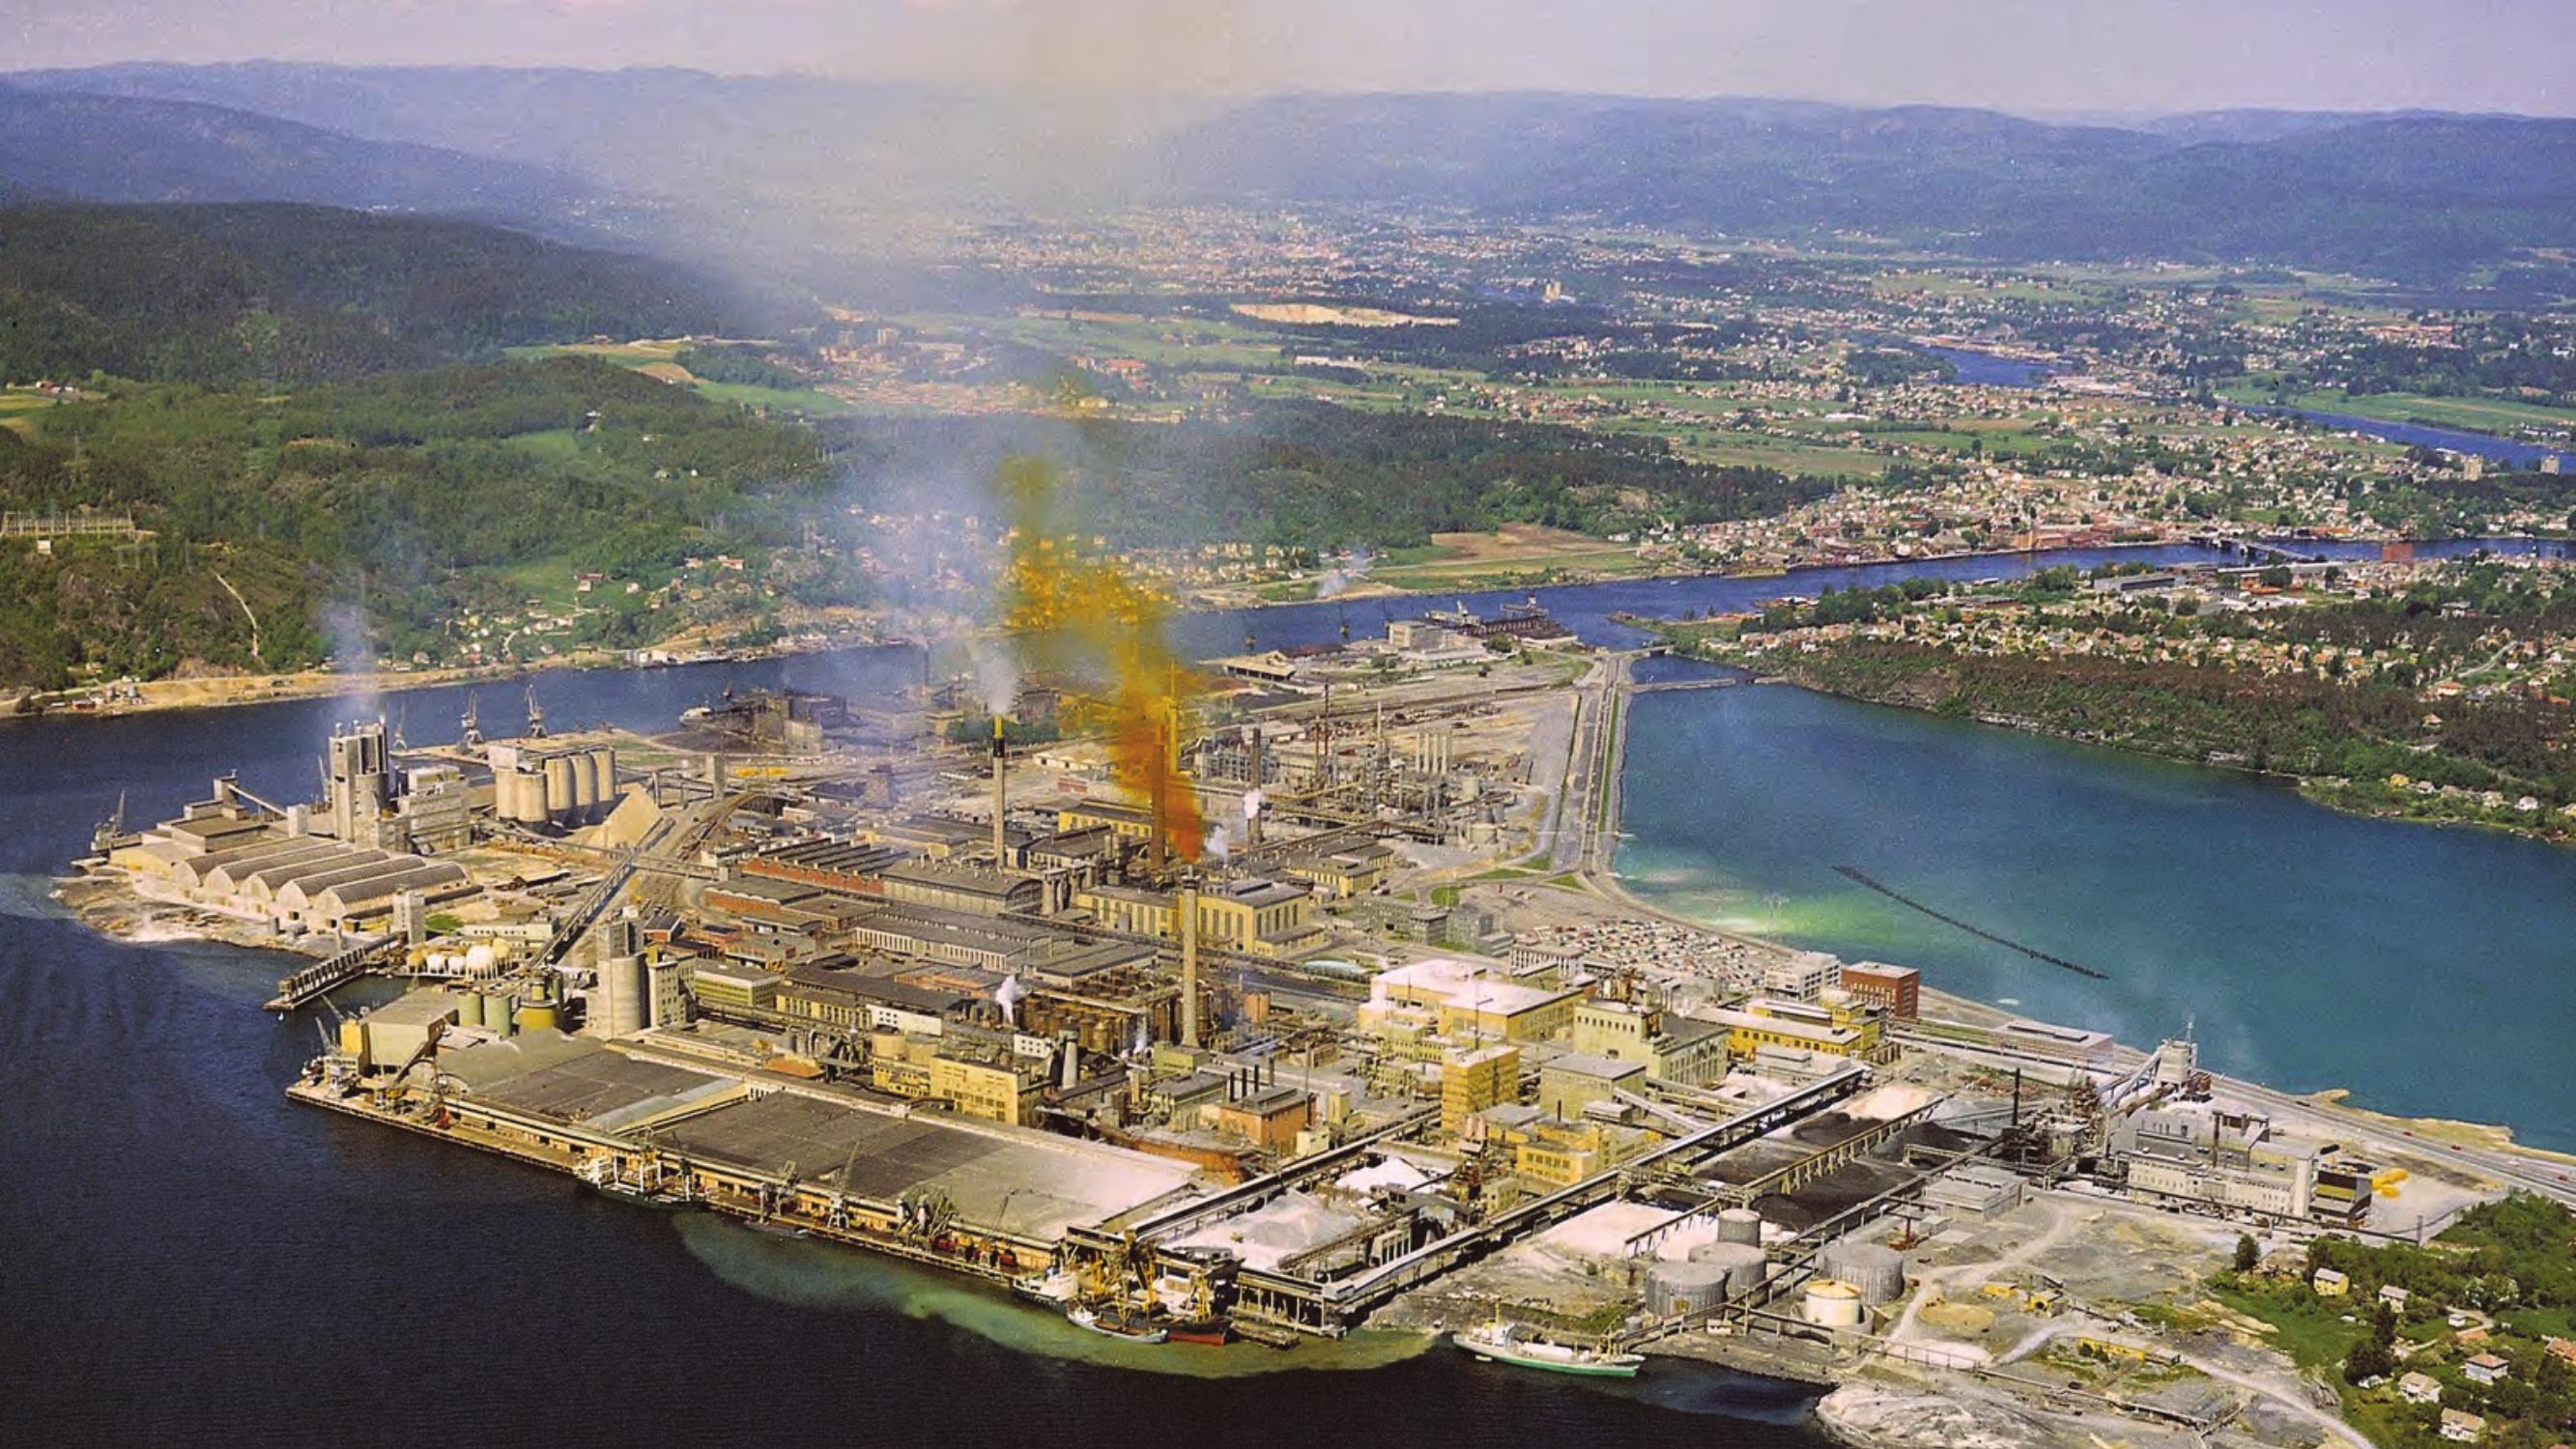 Utslipp til luft og vann fra Norsk Hydros anlegg på Herøya på begynnelsen av 1970-tallet